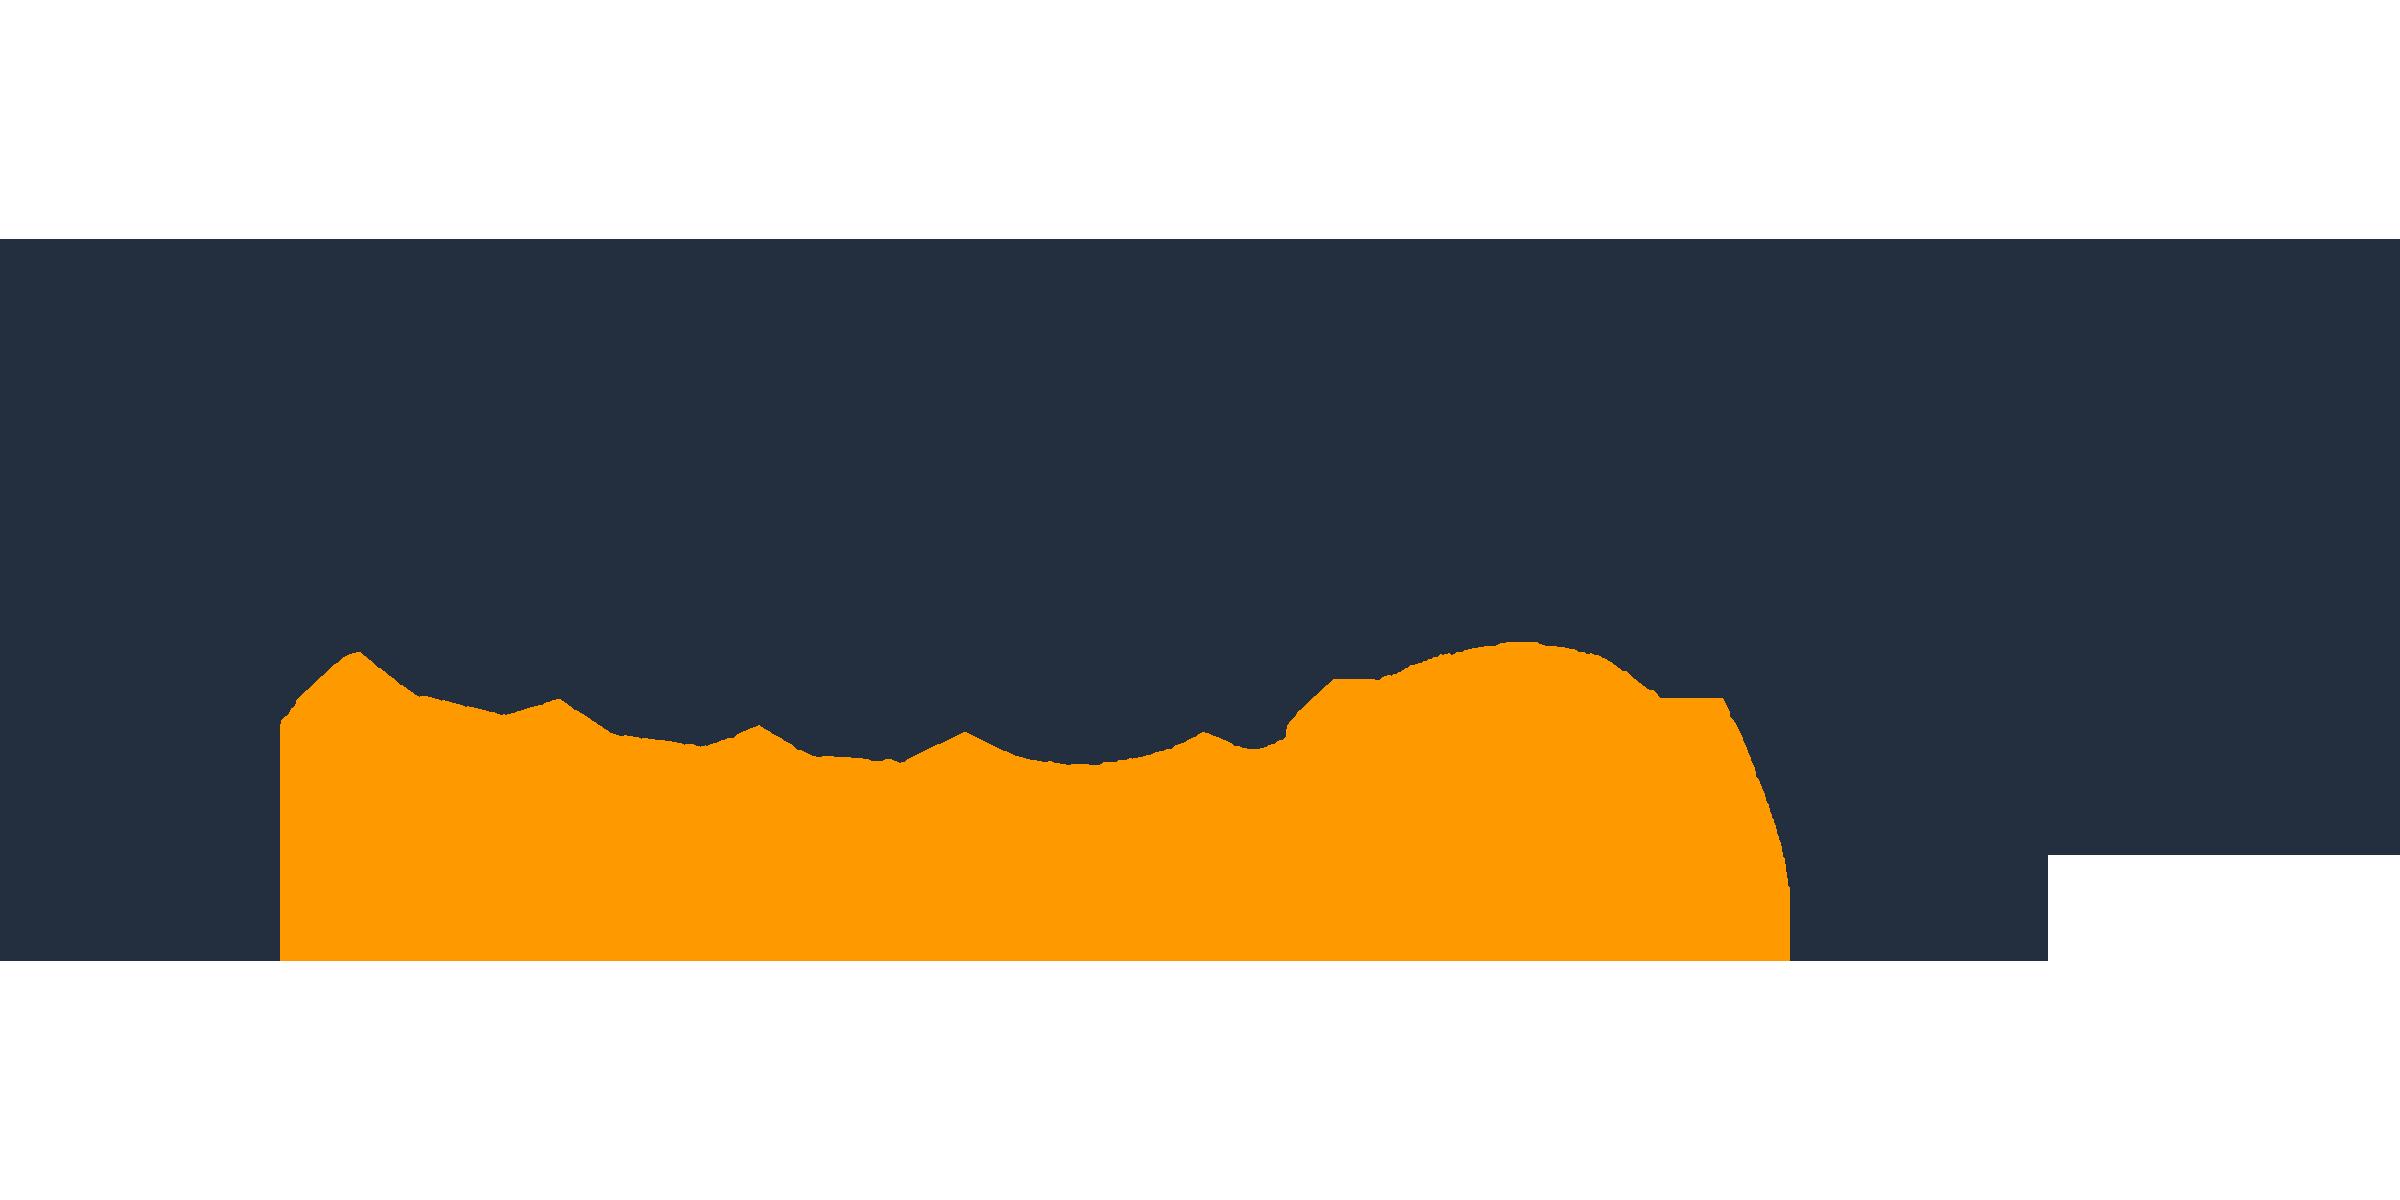 https://www.amazon.es/stores/page/DB79BA31-FEE4-4A26-9AEF-75A2F5CF9B47